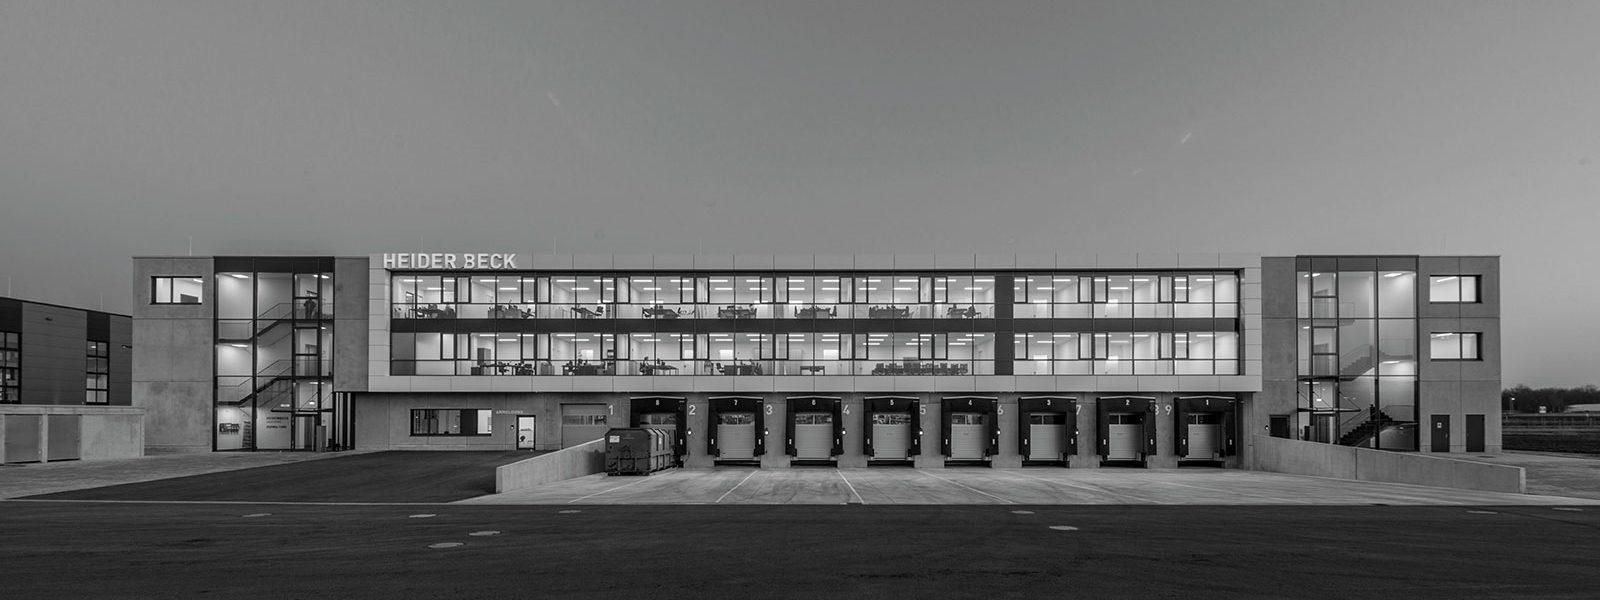 Ansicht auf die Firma in schwarz-weiß als Hintergrundbild für Geschichte